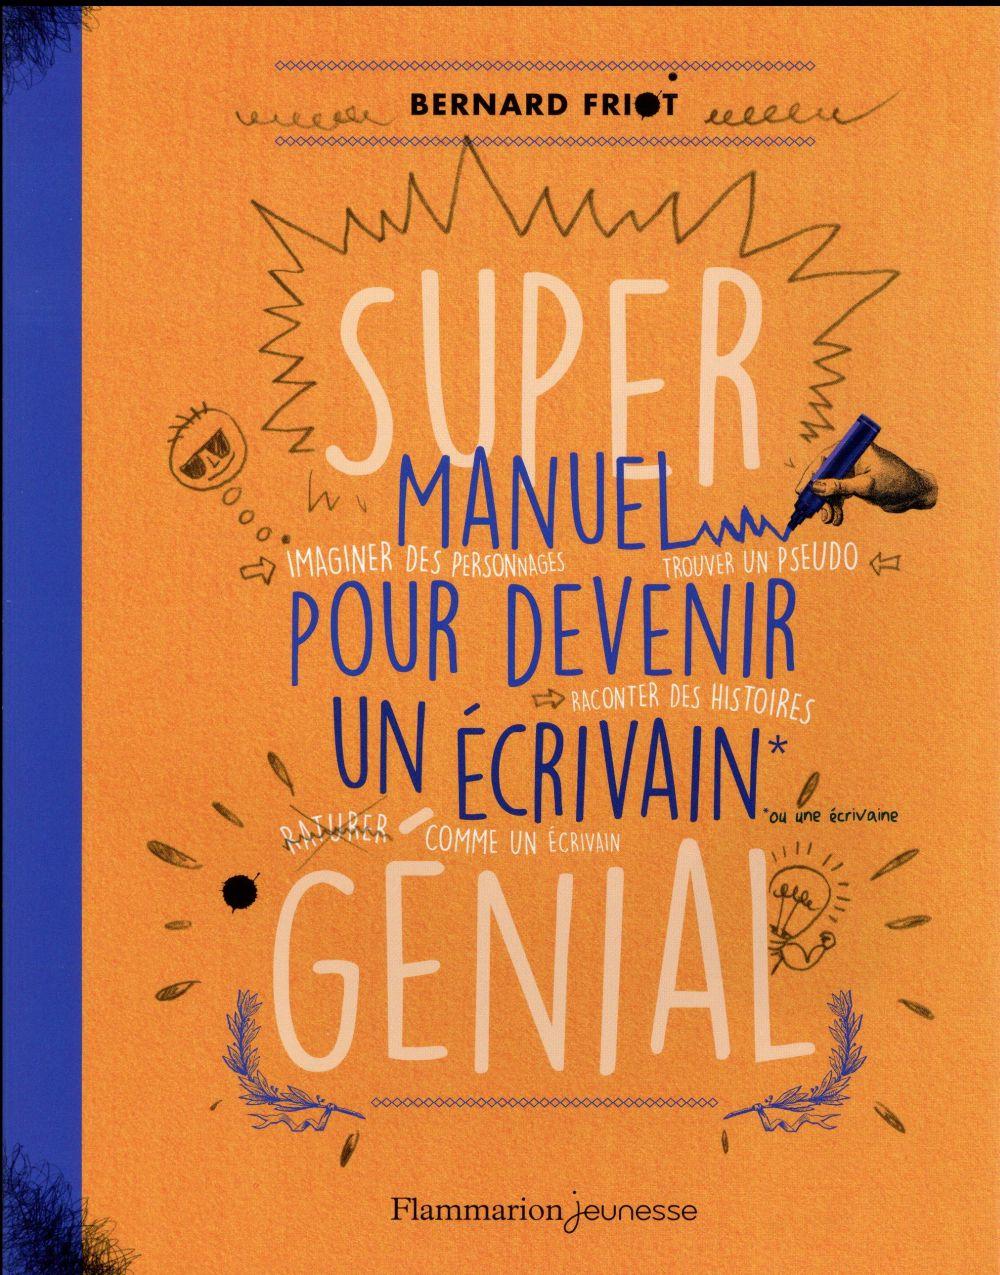 SUPER MANUEL POUR DEVENIR UN ECRIVAIN GENIAL